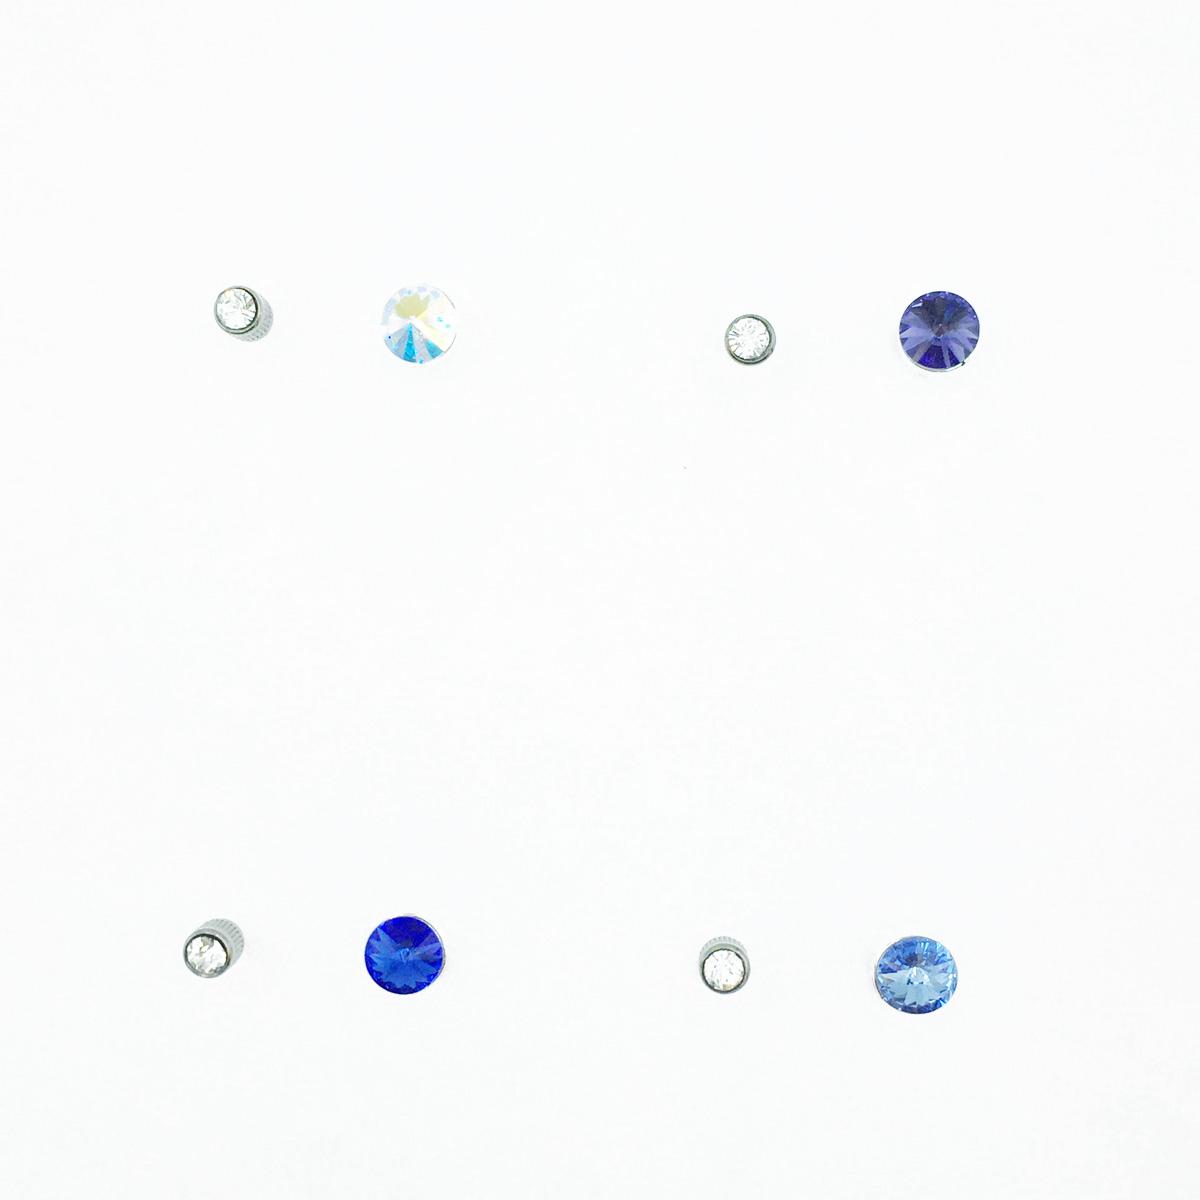 不鏽鋼 圓圈 水鑽 切割面 基本款 後轉式耳環